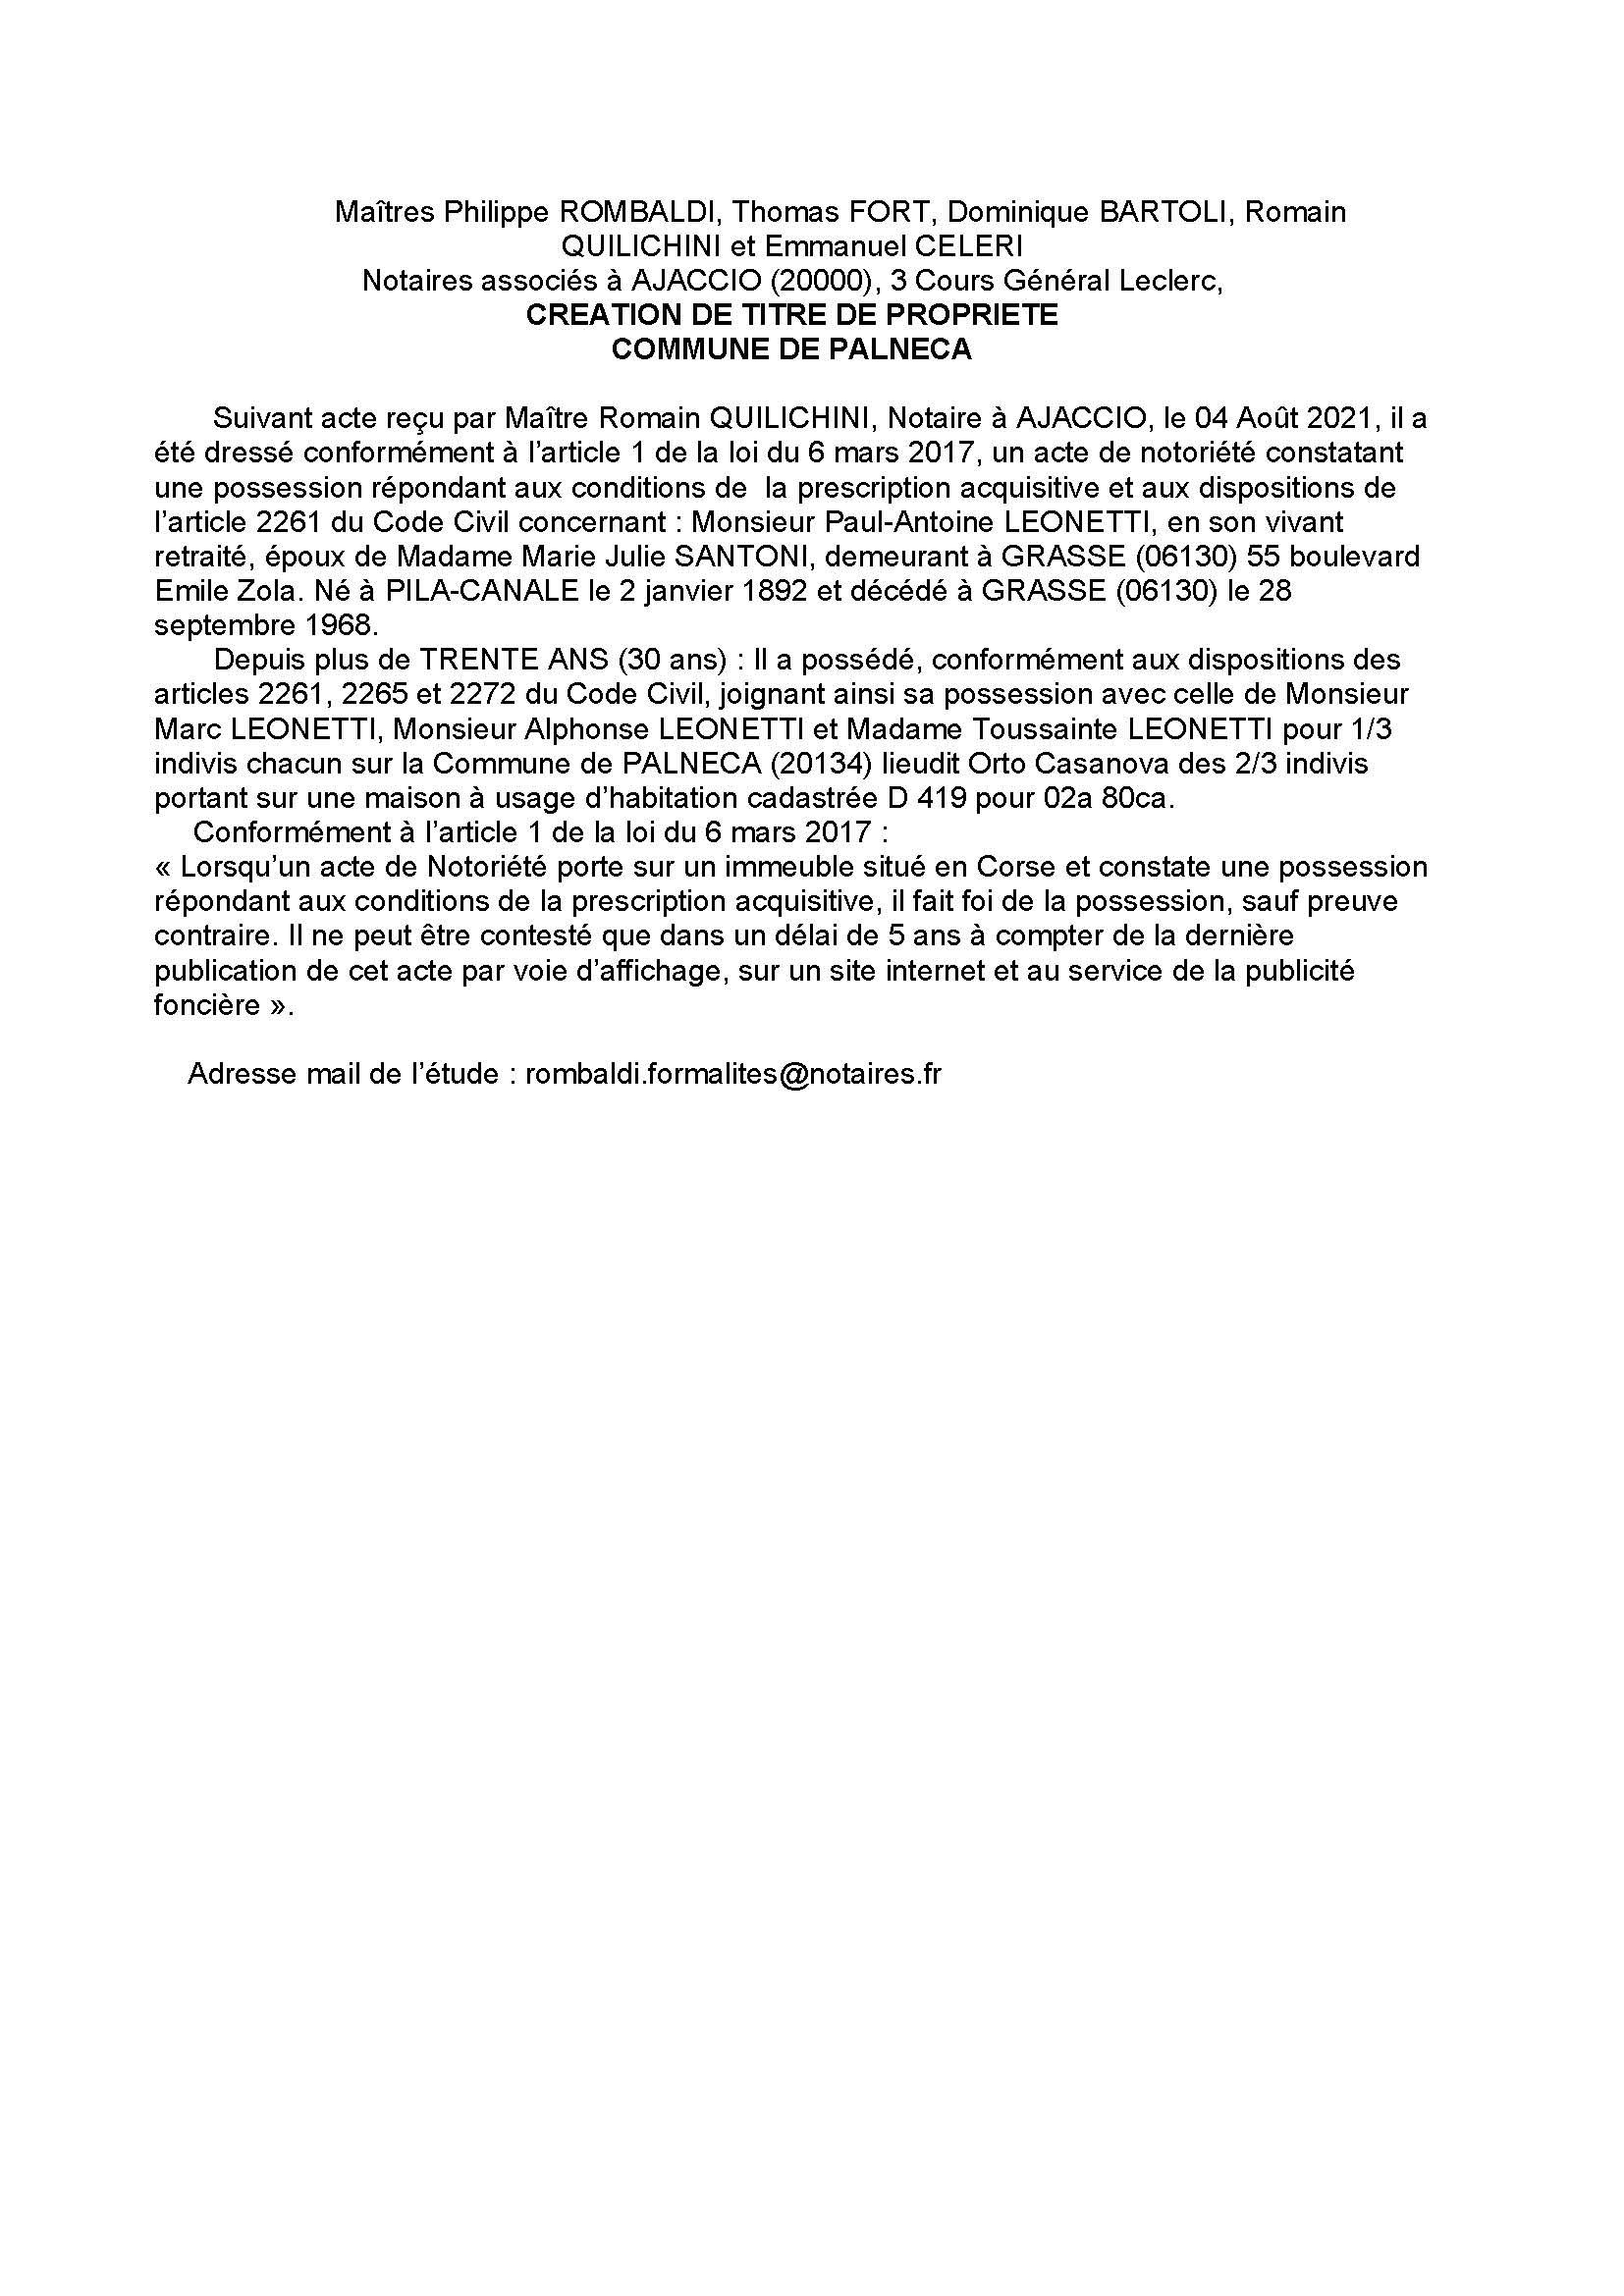 Avis de création de titre de propriété - Commune de Palenca (Corse-du-Sud)